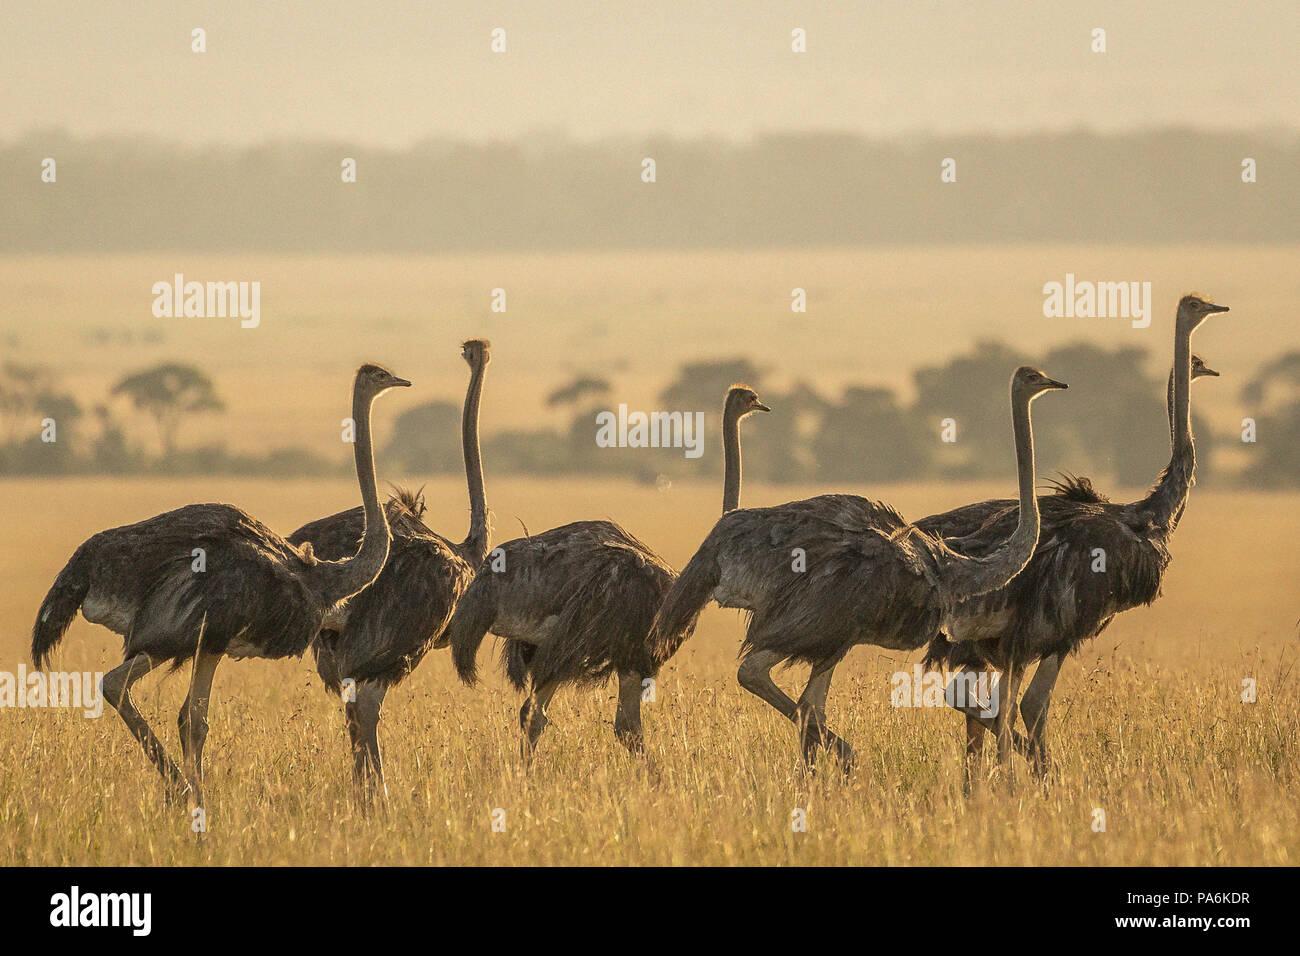 Groupe de 7 Autruches commun (Struthio camelus) Balade en fin d'après-midi dans le Masai Mara au Kenya Photo Stock